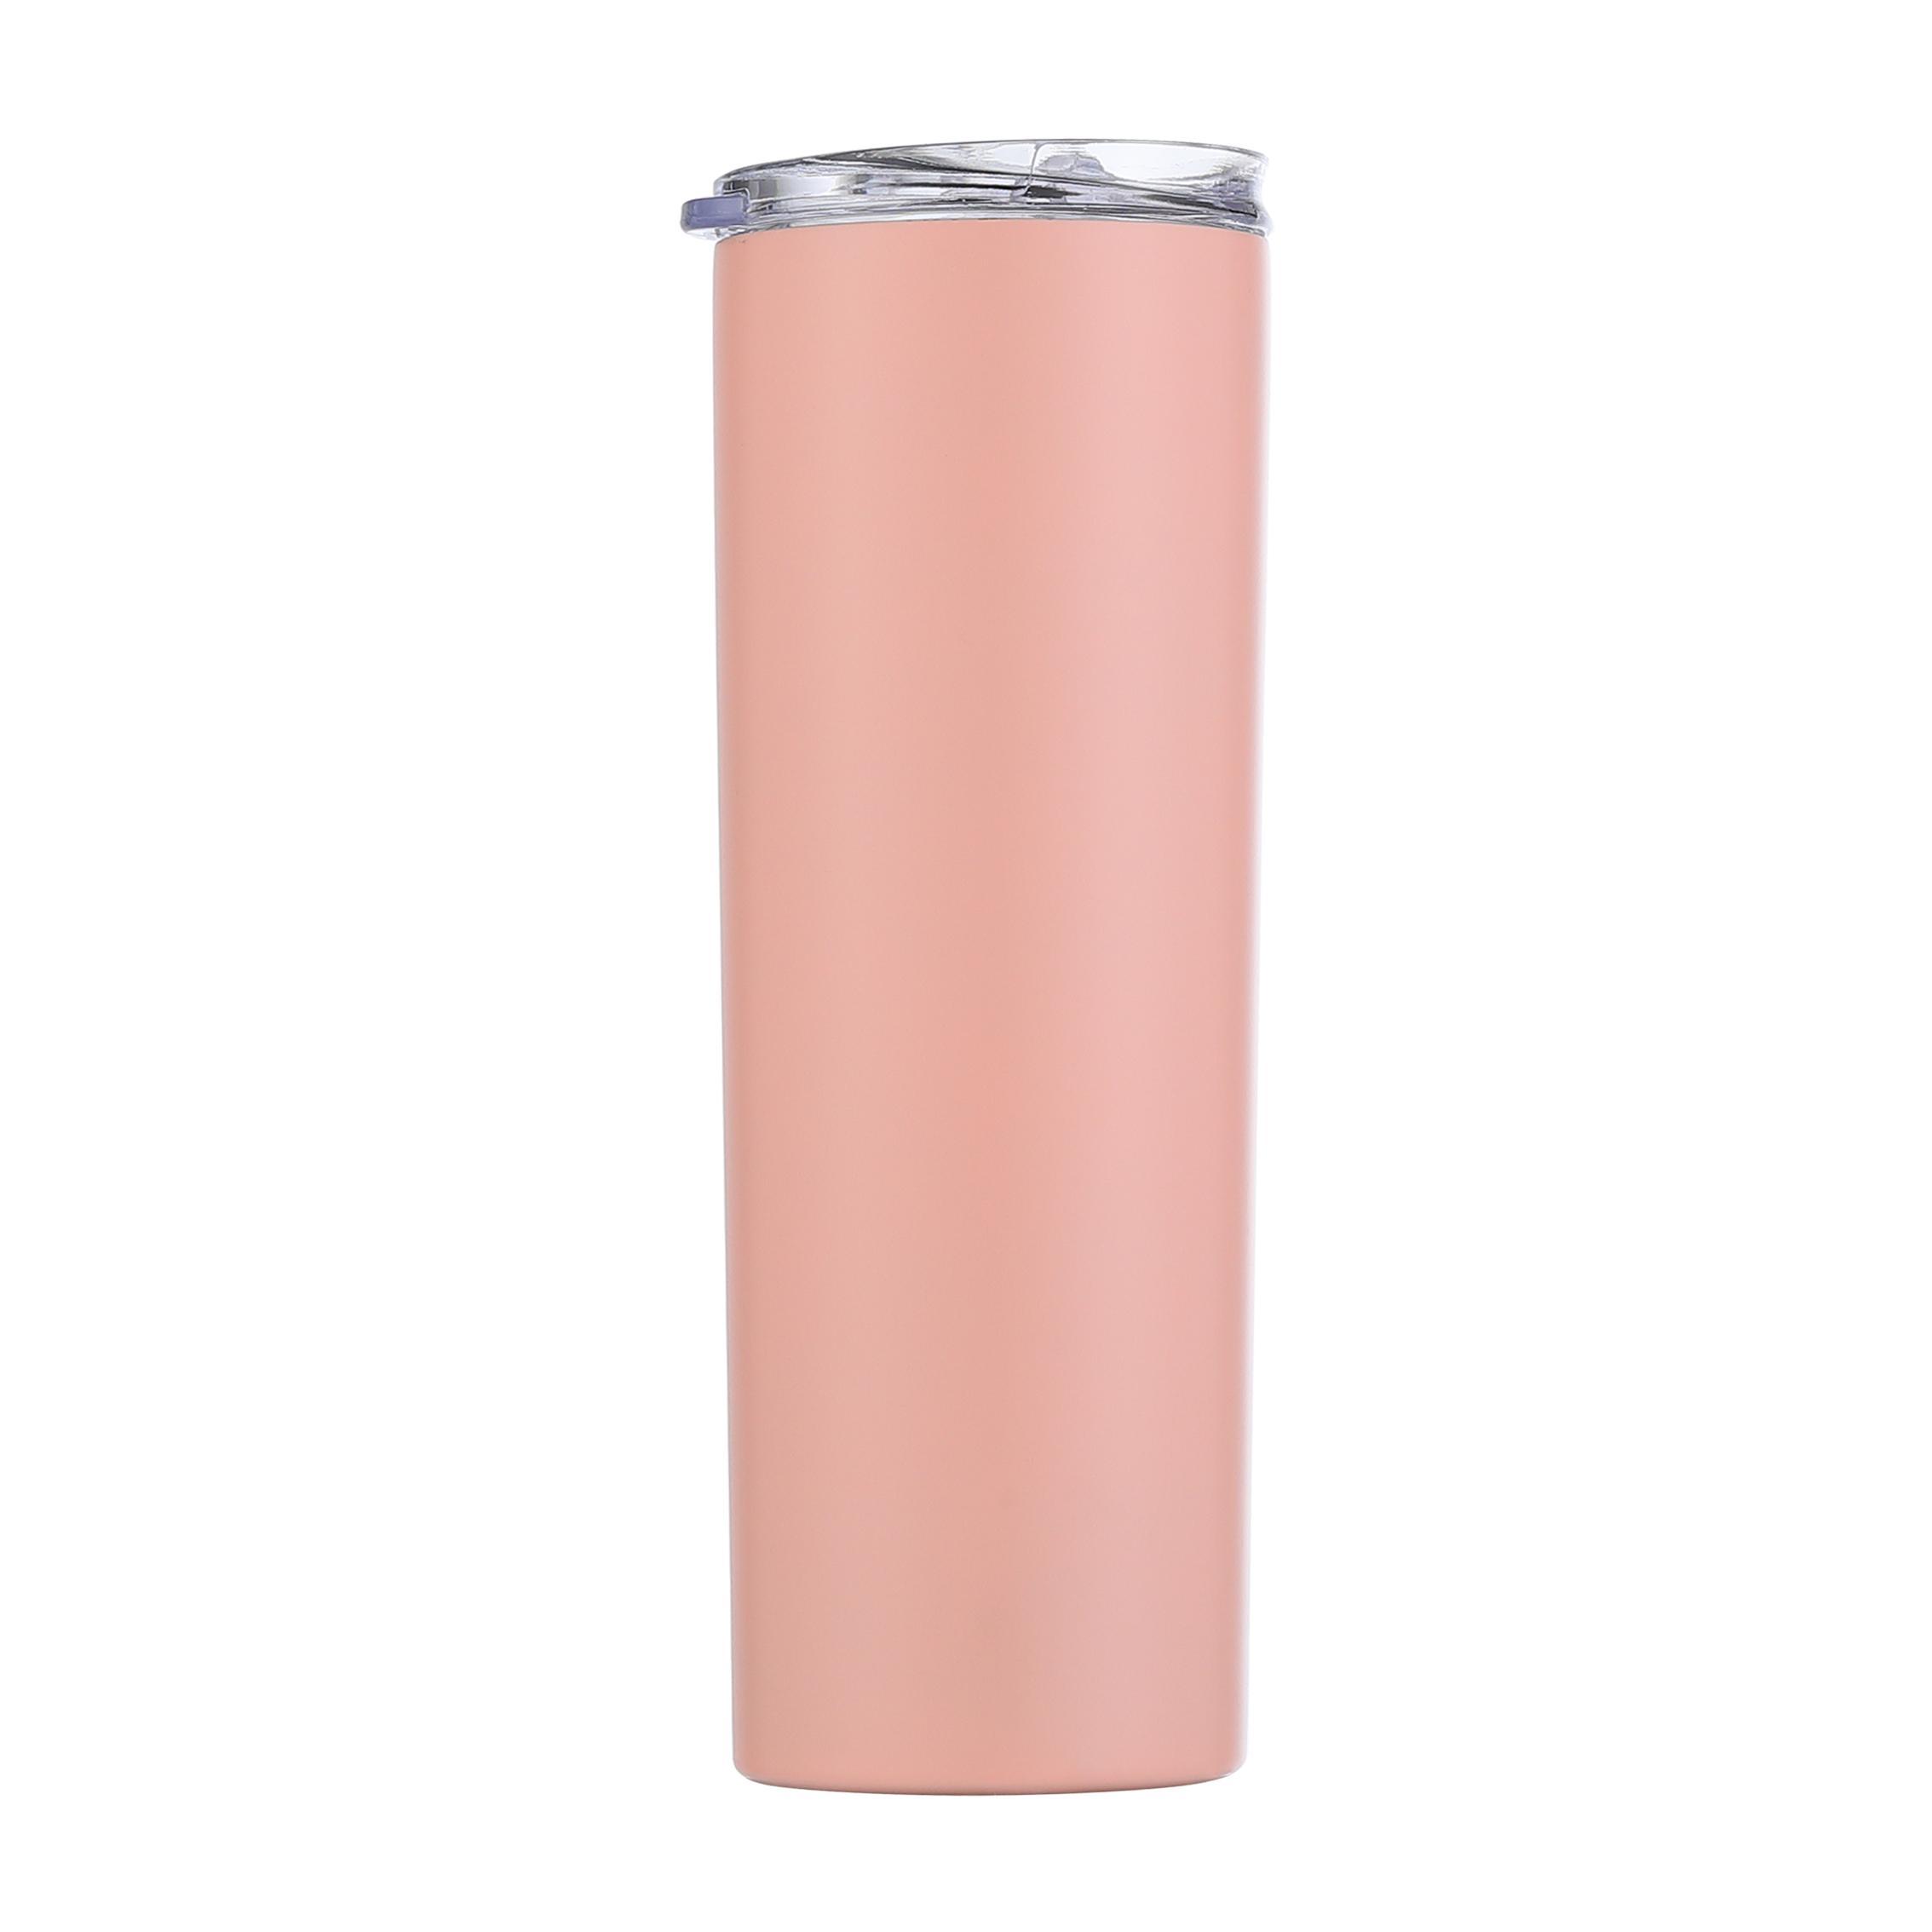 20oz skinny copo de aço inoxidável copo de aço inoxidável com nova tampa de selagem dupla parede vácuo isolado copo de beber 20oz mar hhc7606